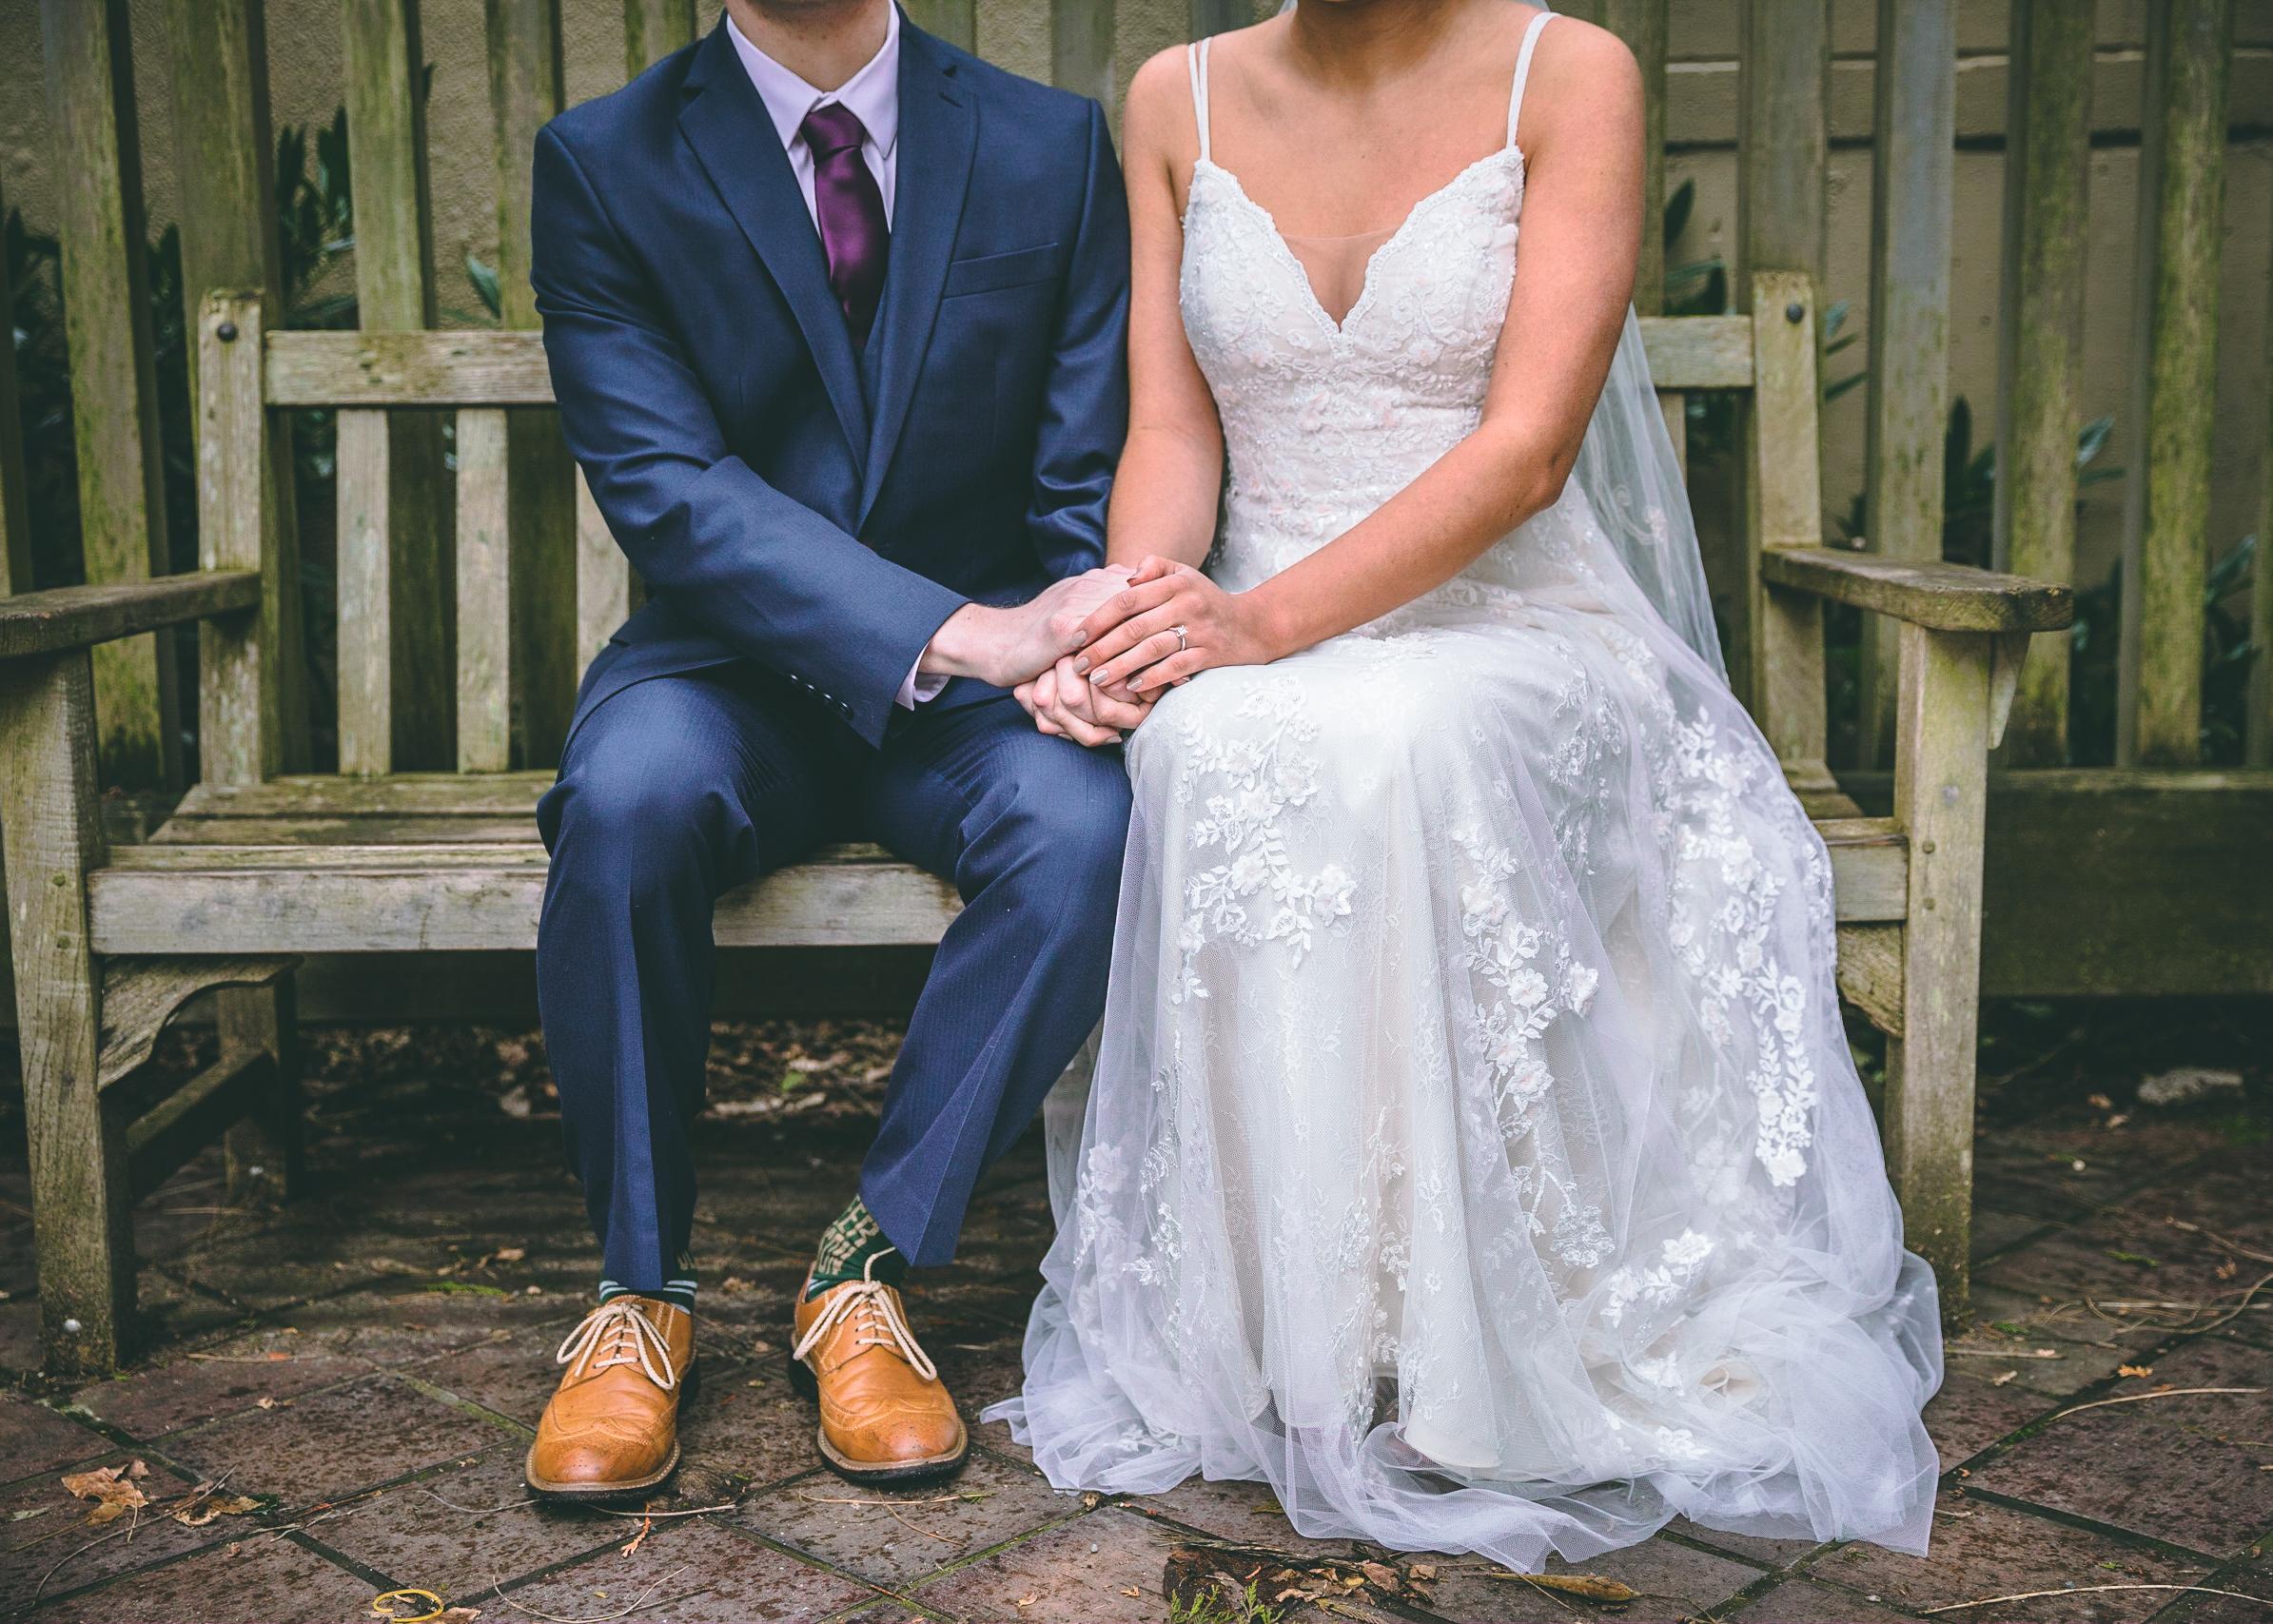 Weddings. - elopements. destination. outdoor.